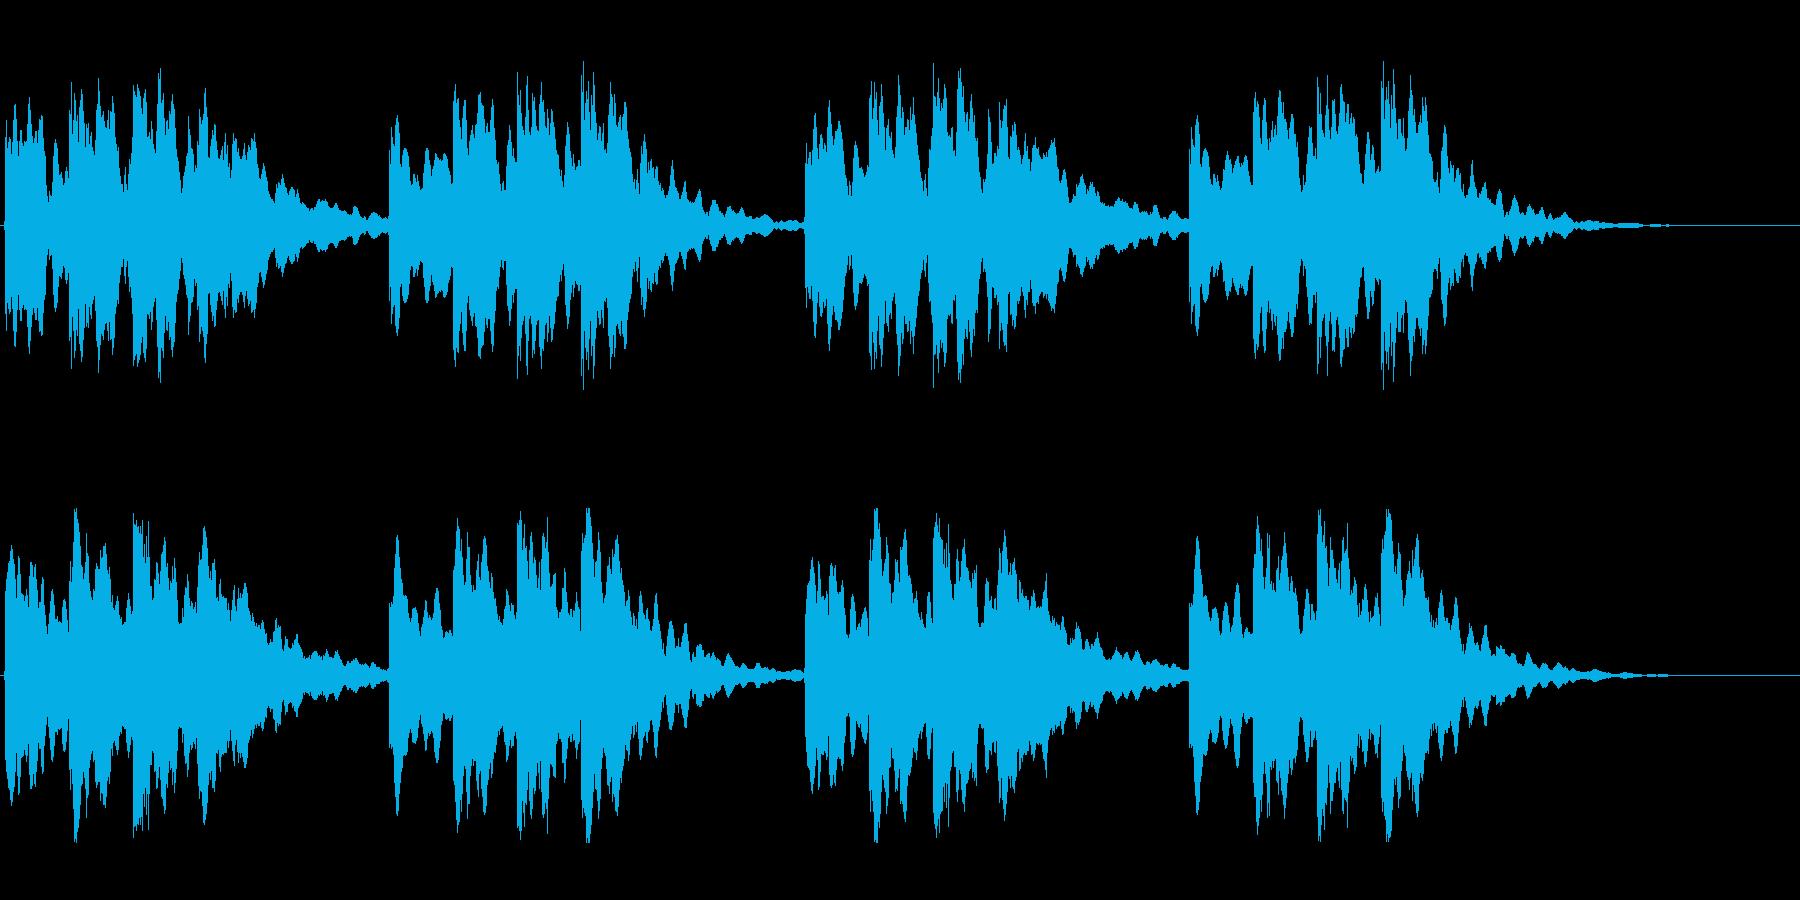 キーンコーンカーンコーン02(遅め2回)の再生済みの波形